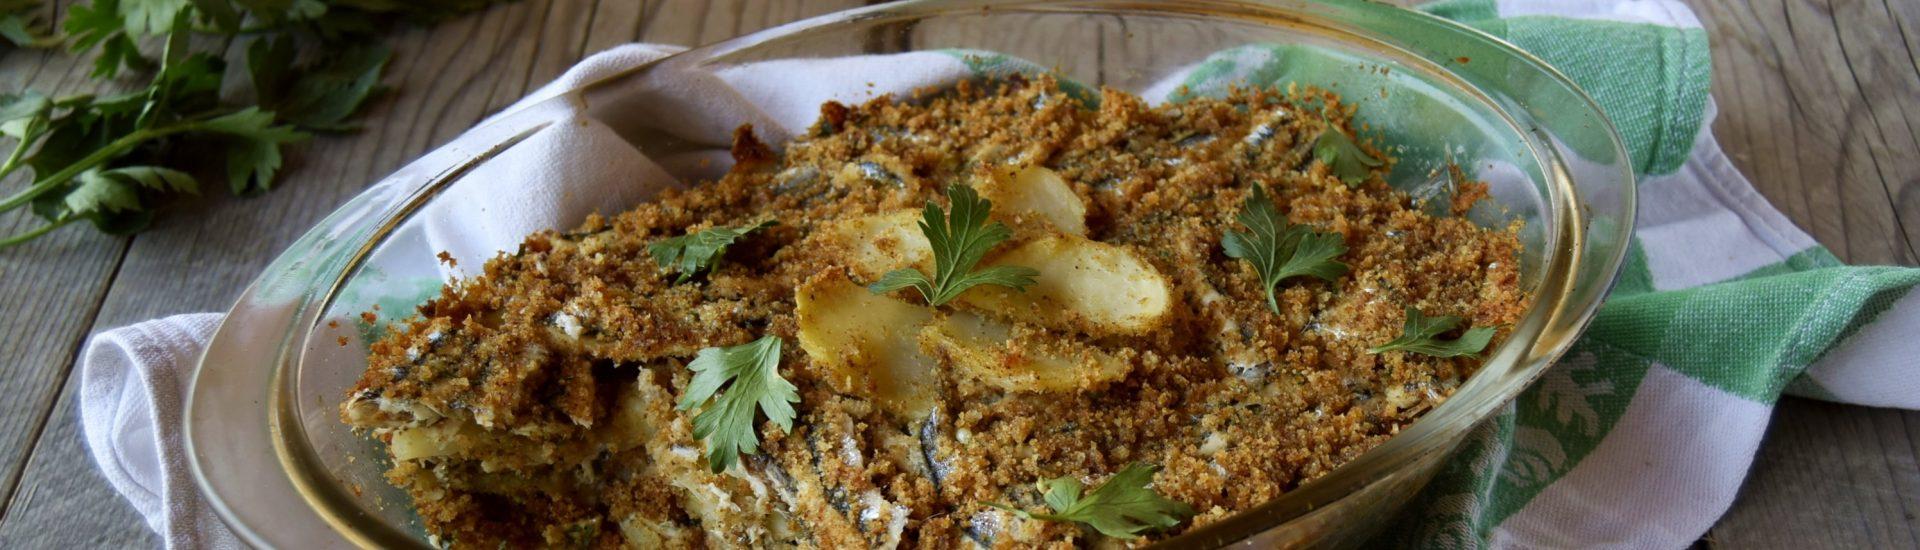 Tortino di alici al forno con patate